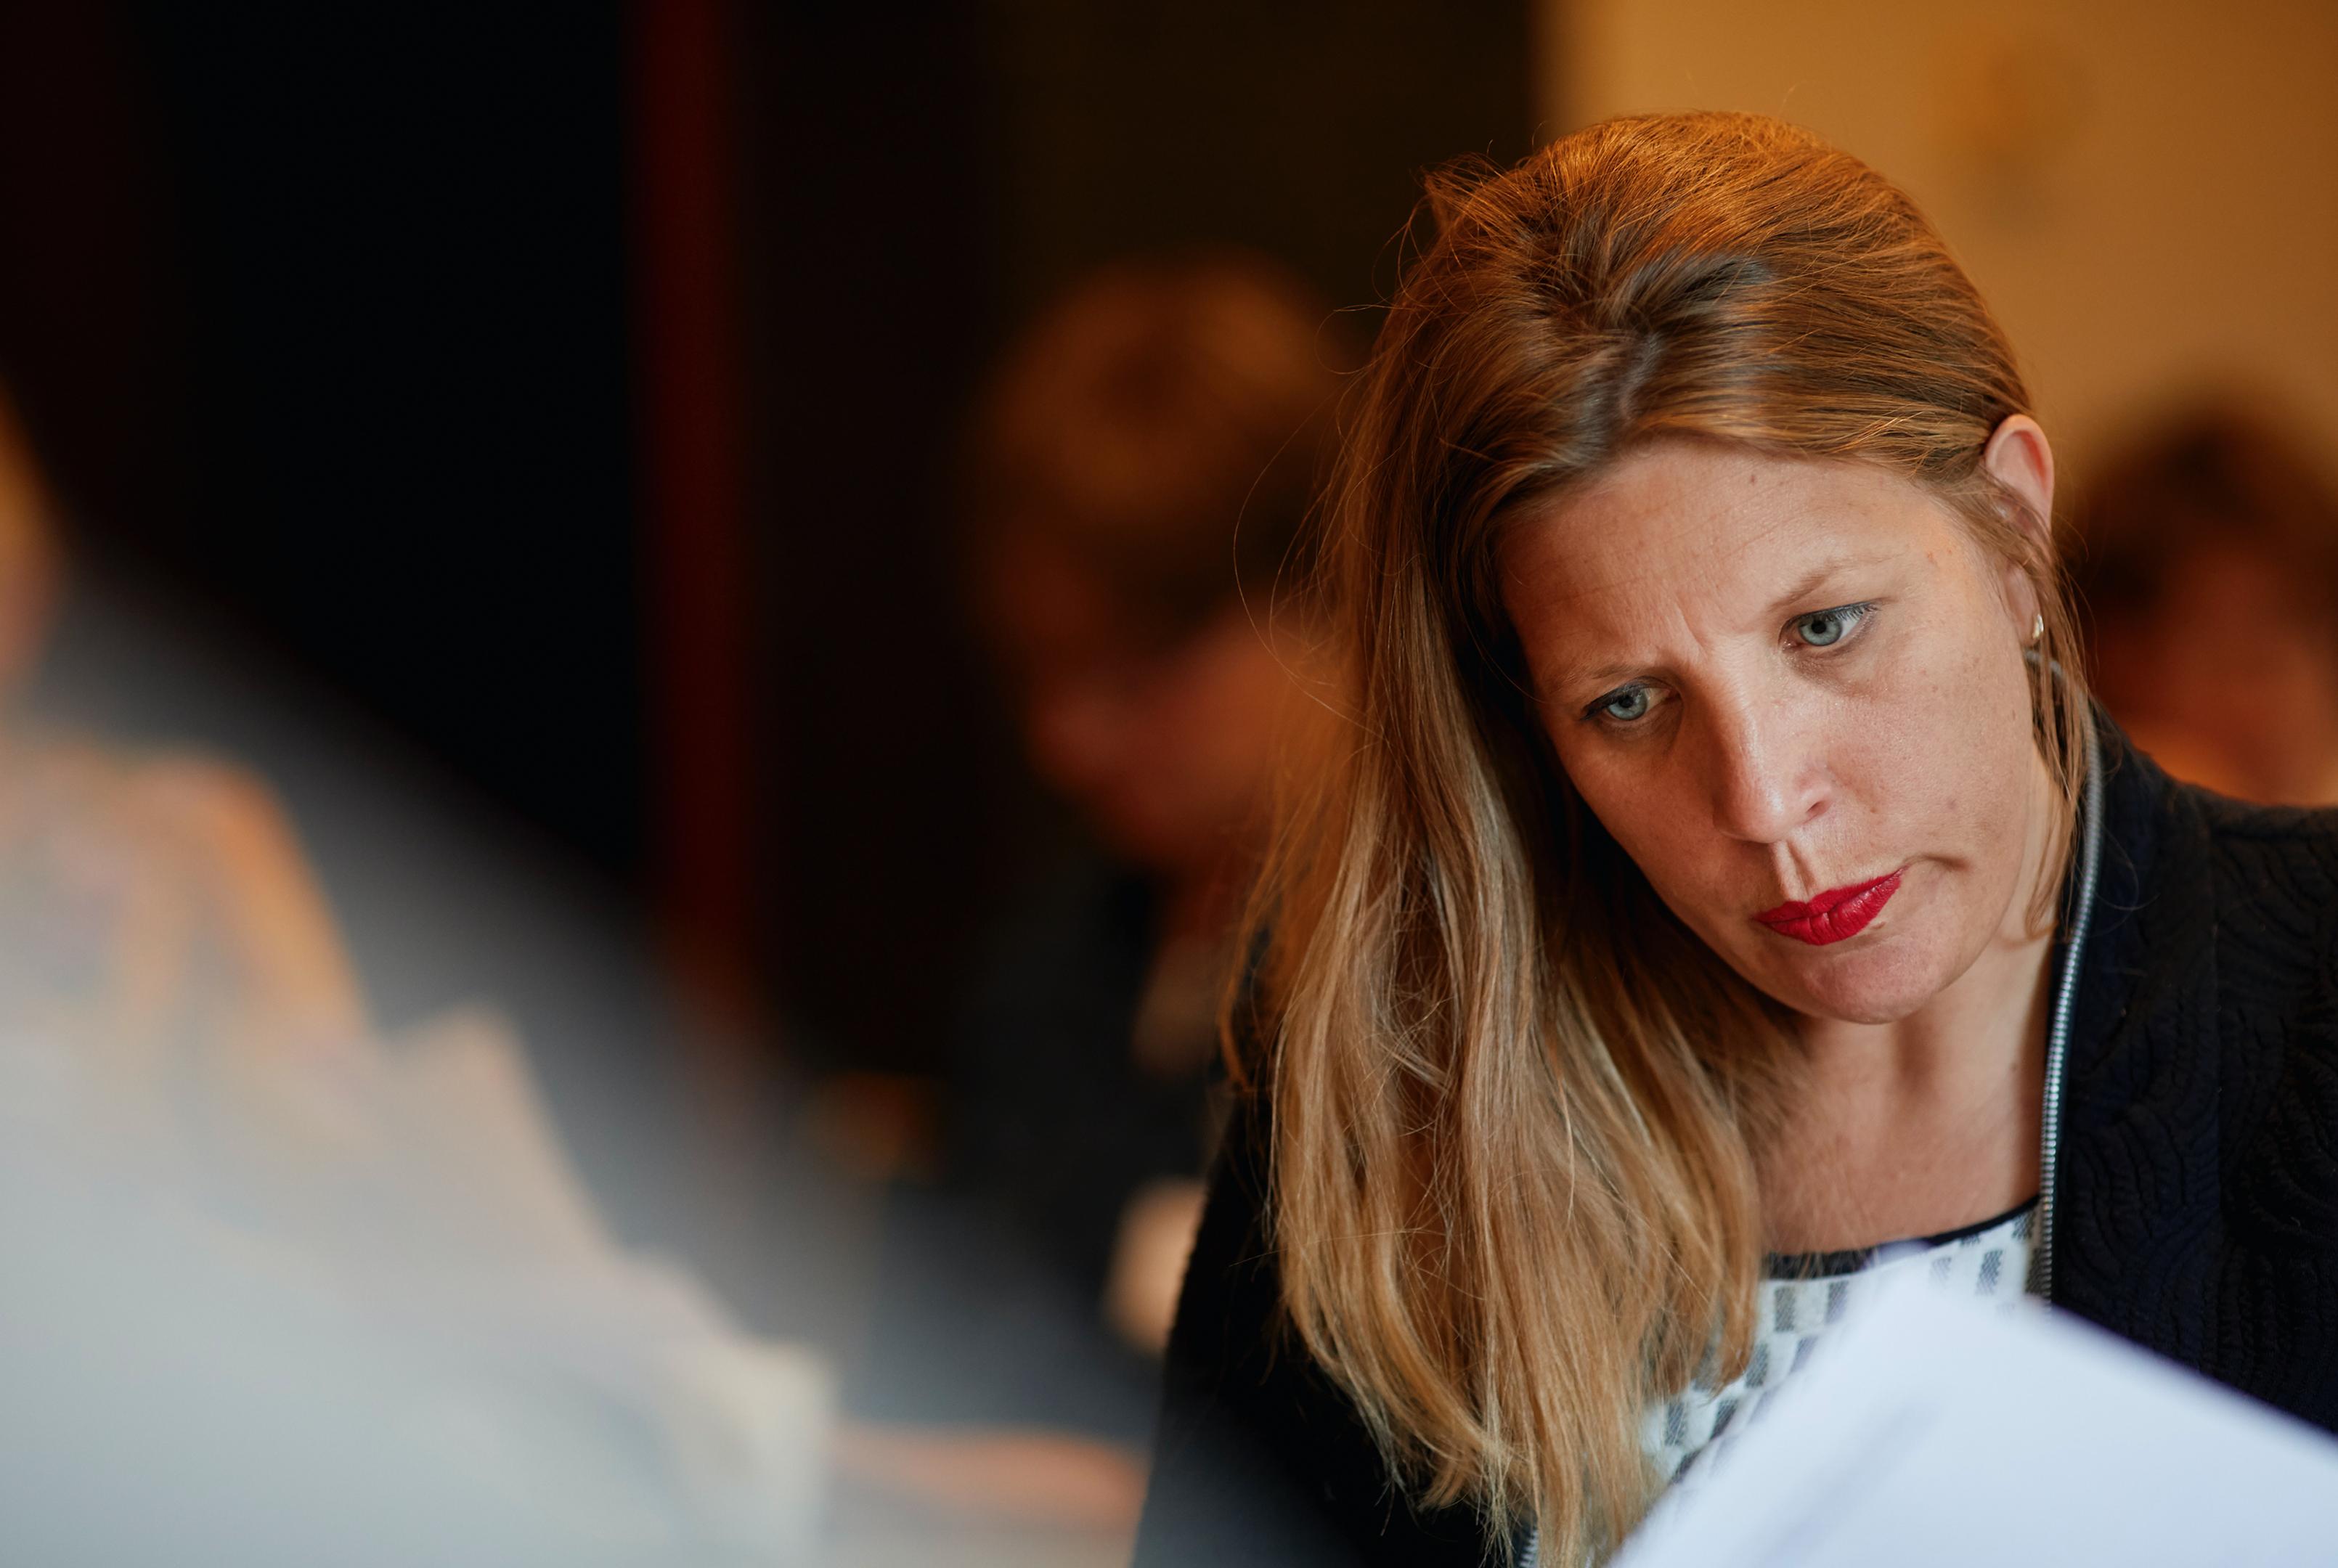 Ingeborg Zweers (VKJP-bestuur) pleit allang voor meer deskundigheid bij de voordeur.